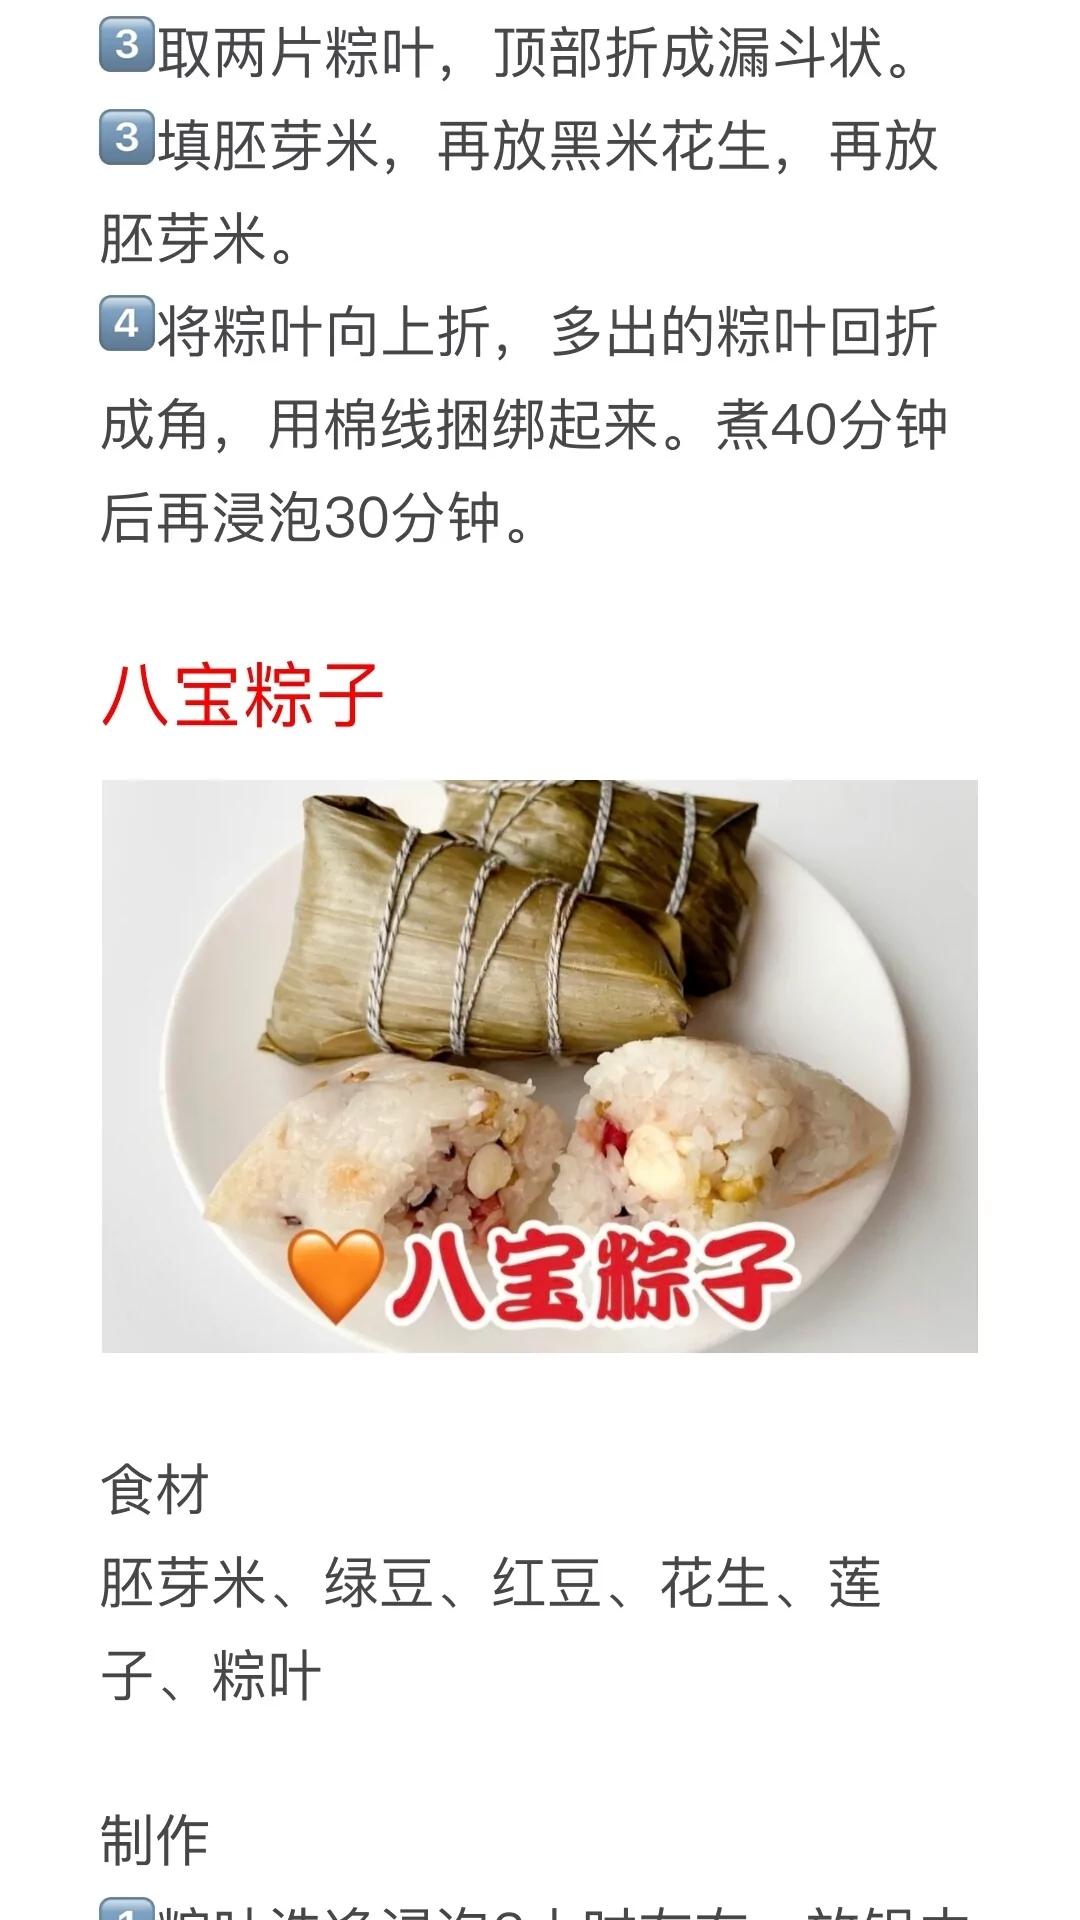 16种粽子的做法及配料!粽子馅配方种类大全,粽子制作方法教程 美食做法 第4张